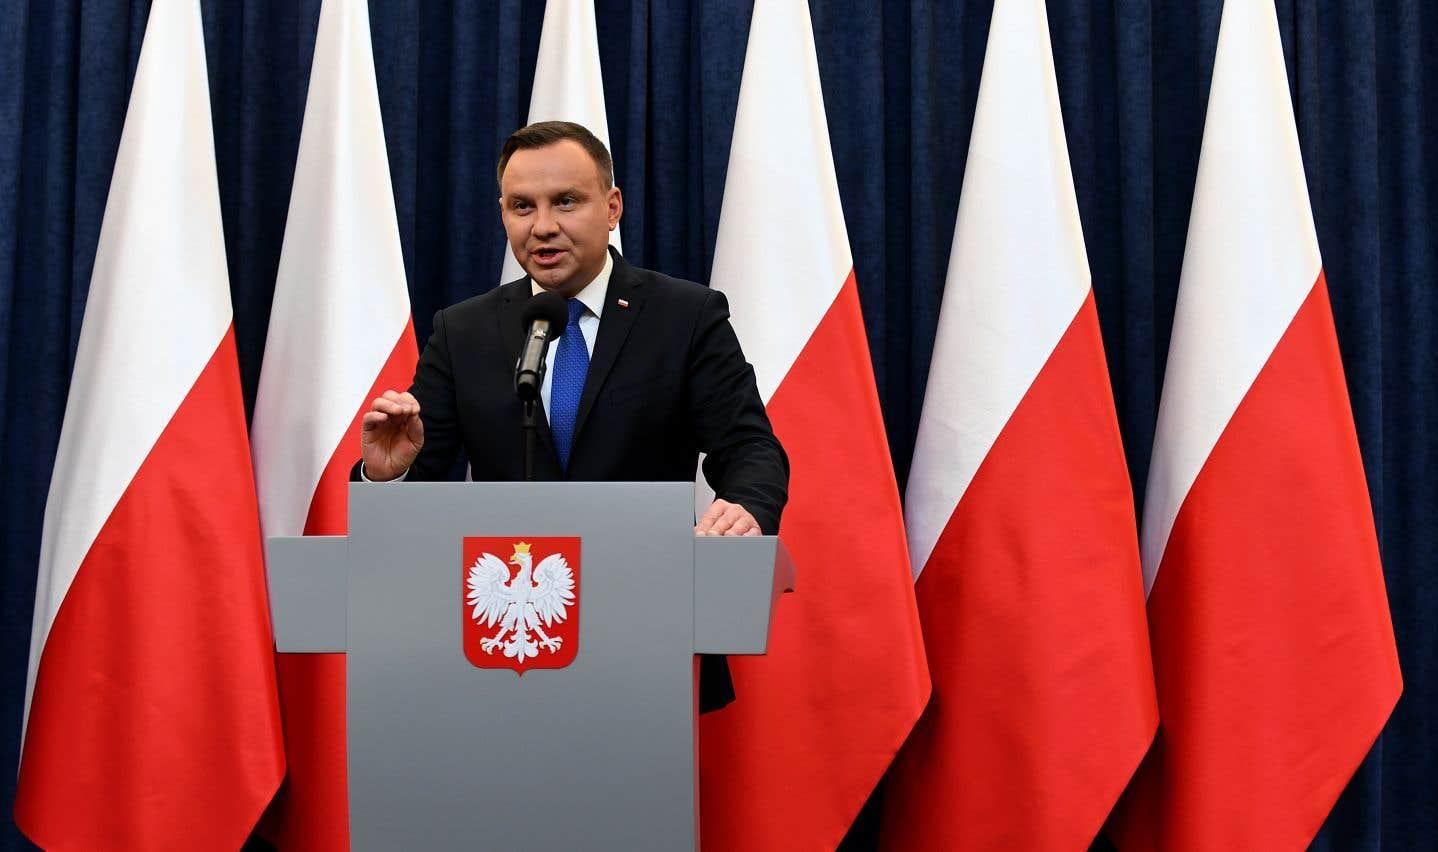 La loi prévoit trois ans de prison pour les personnesqui accusent la nation ou l'État polonais de participation aux crimes de l'Allemagne nazie.